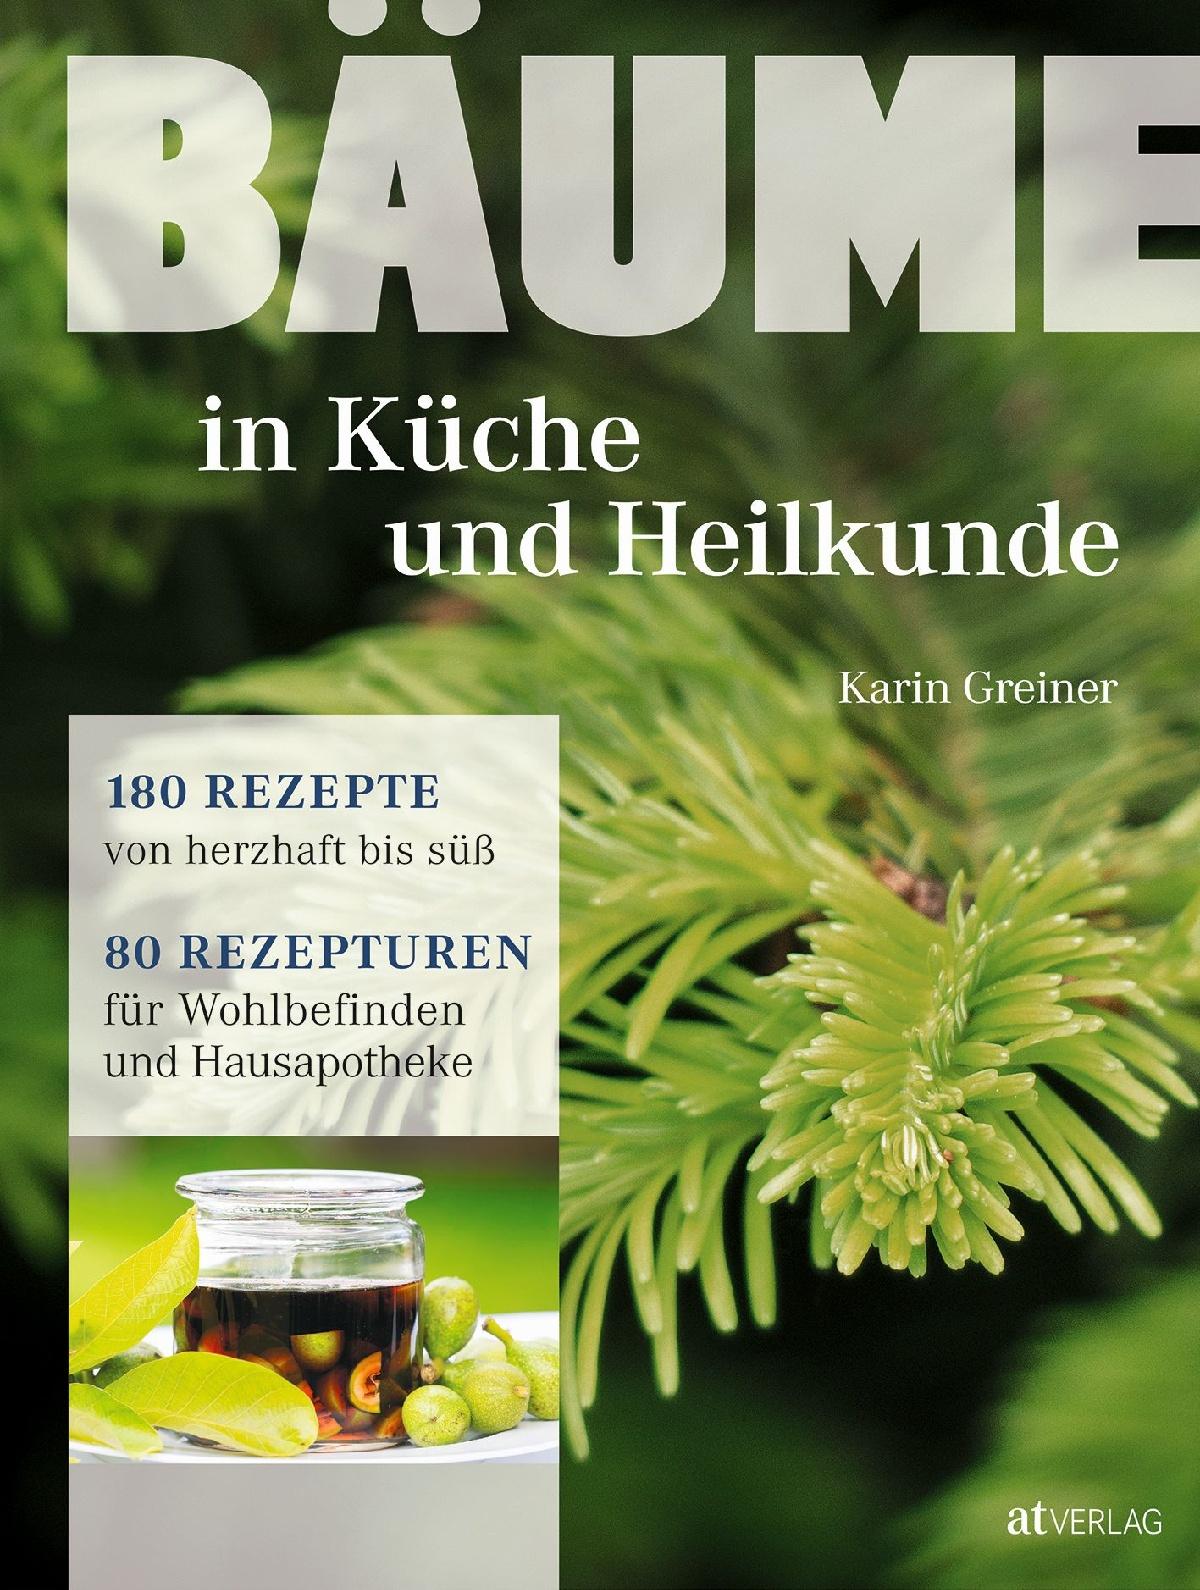 Buch: Bäume - in Küche und Heilkunde von Karin Greiner • AT Verlag